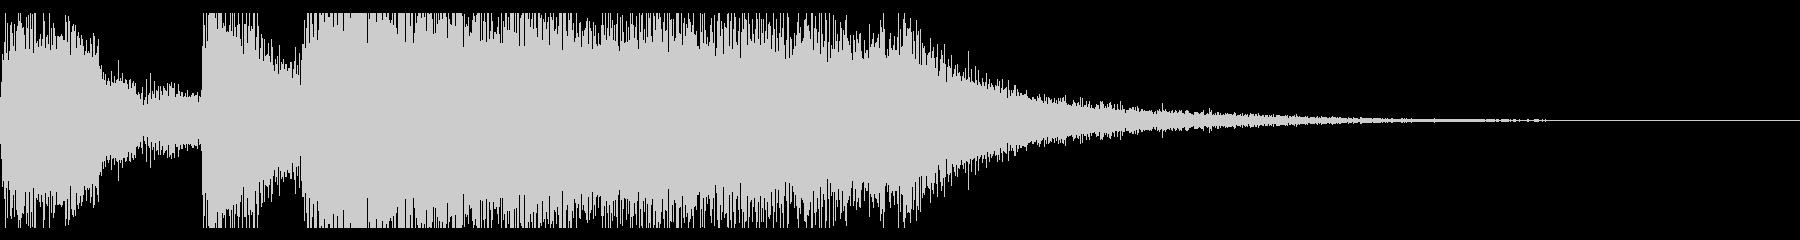 テッテレーの未再生の波形